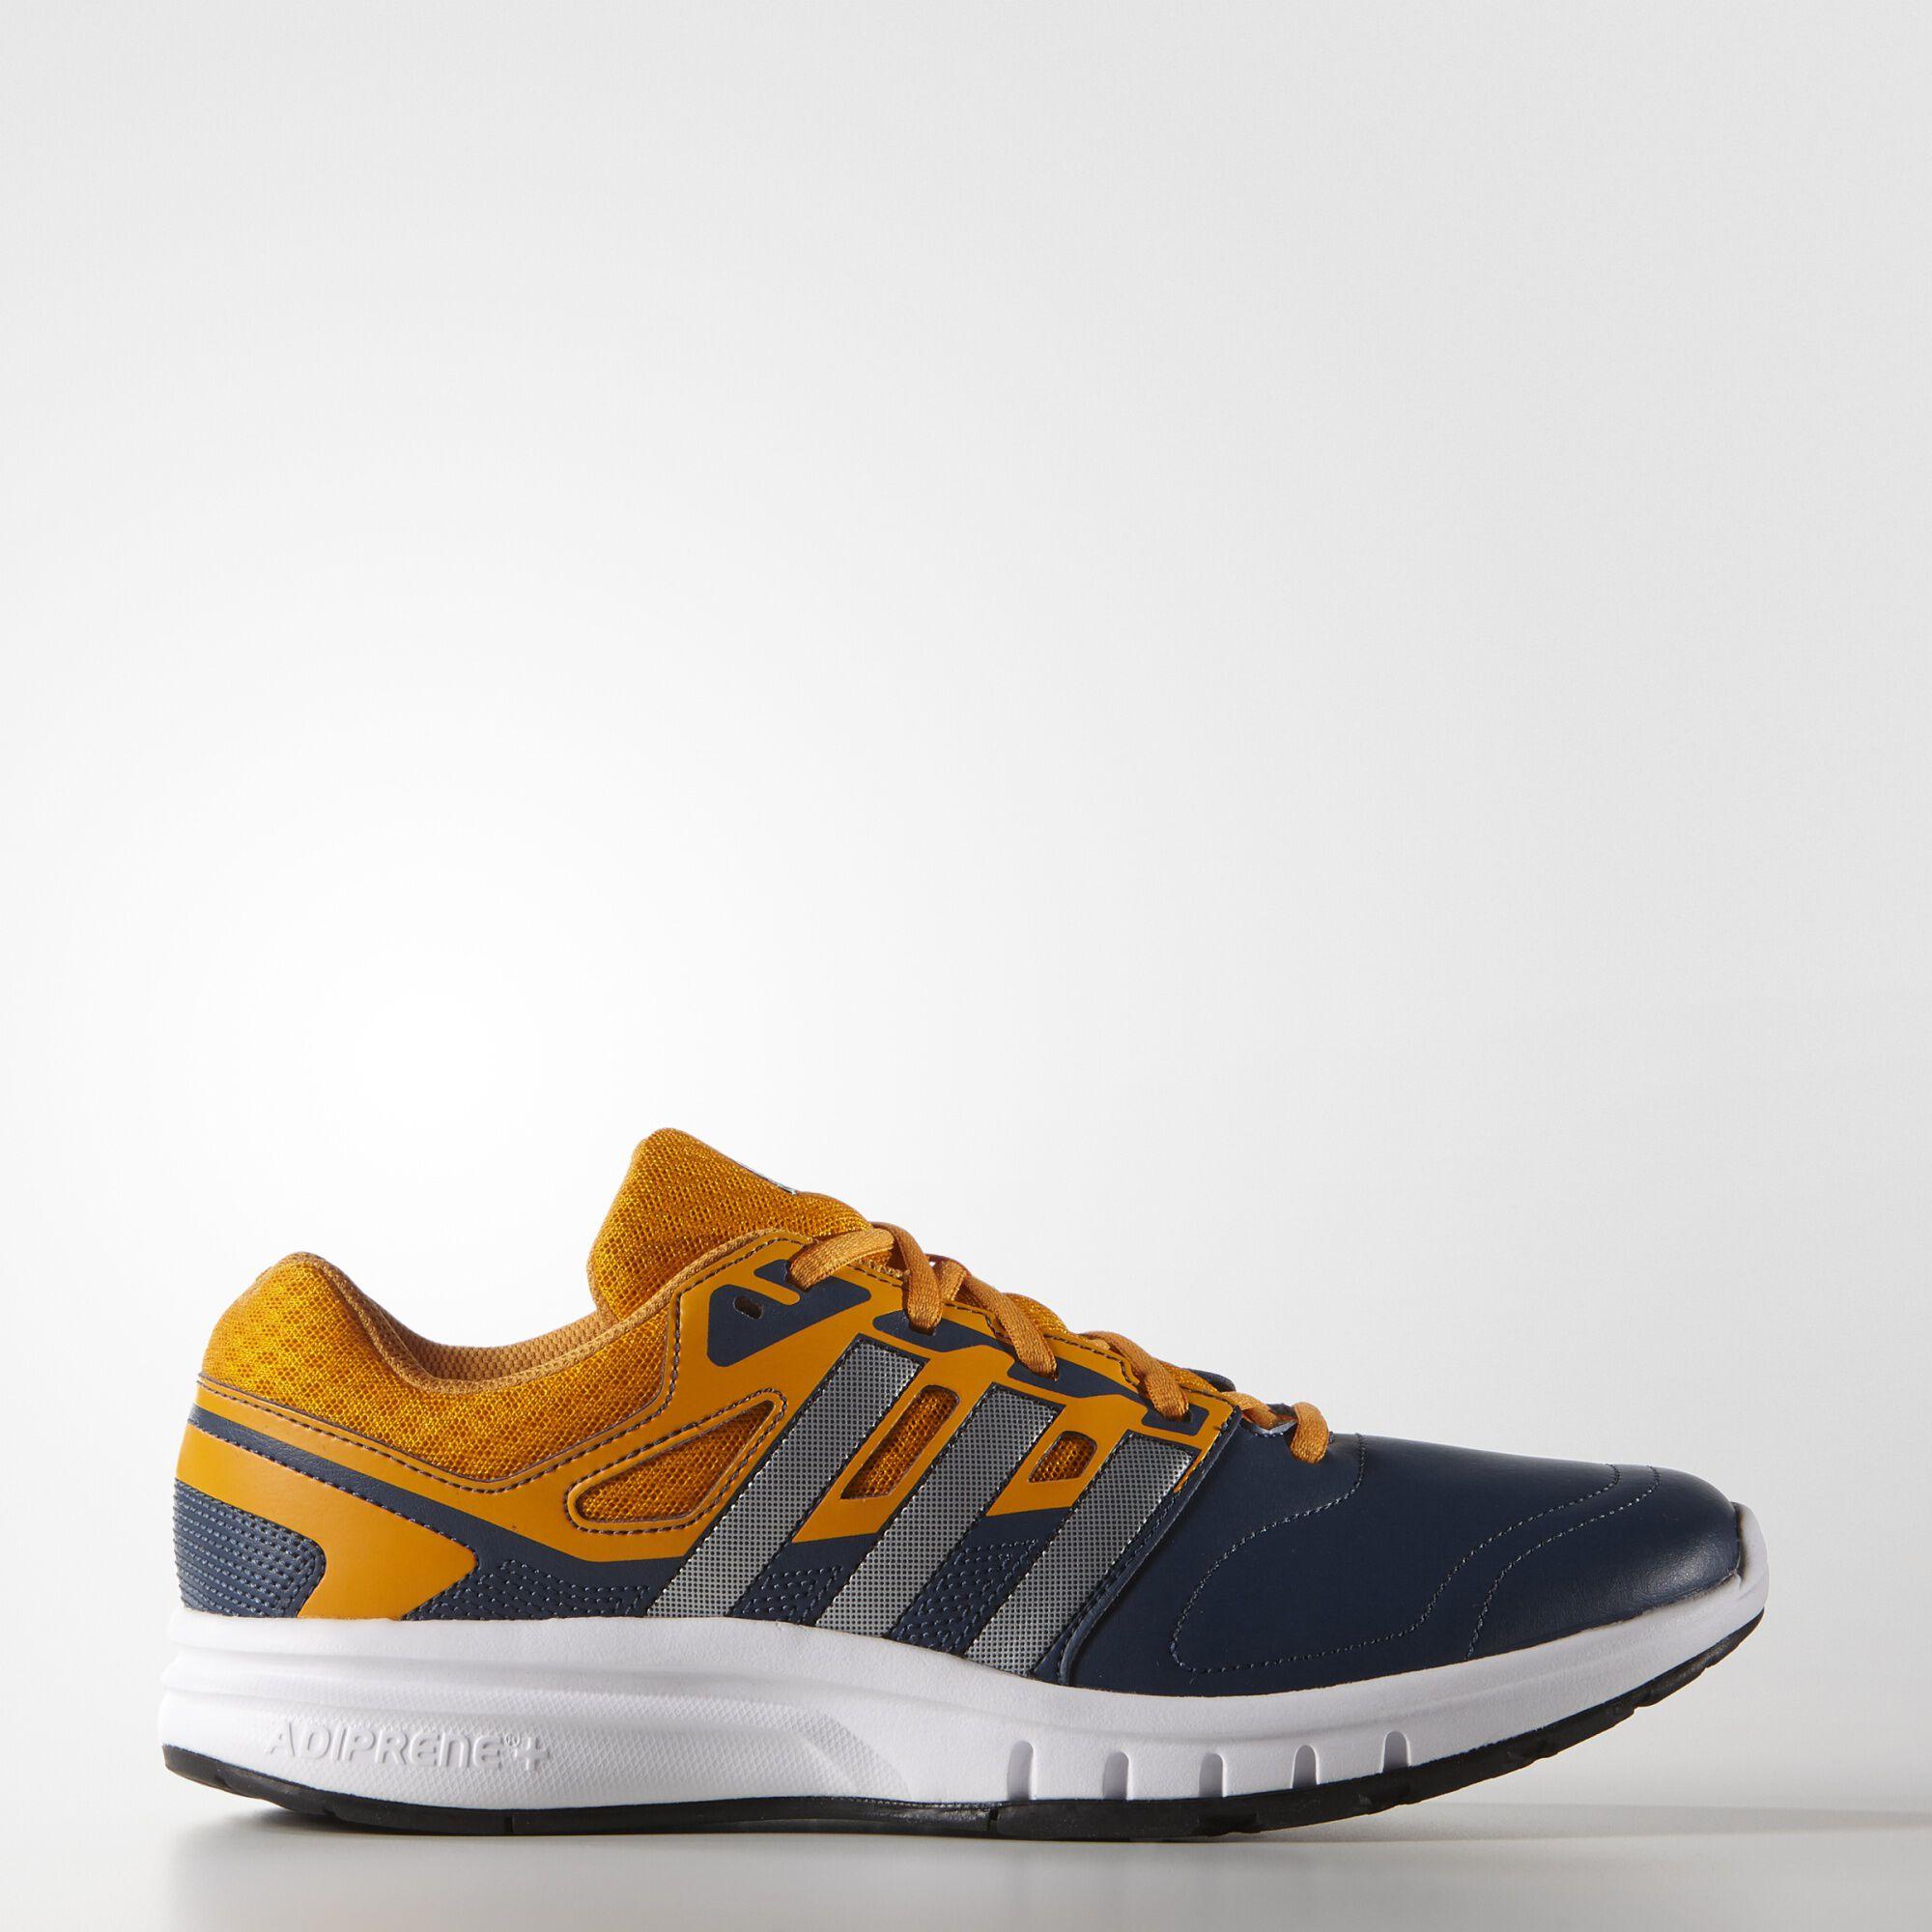 Adidas Galaxy Trainer